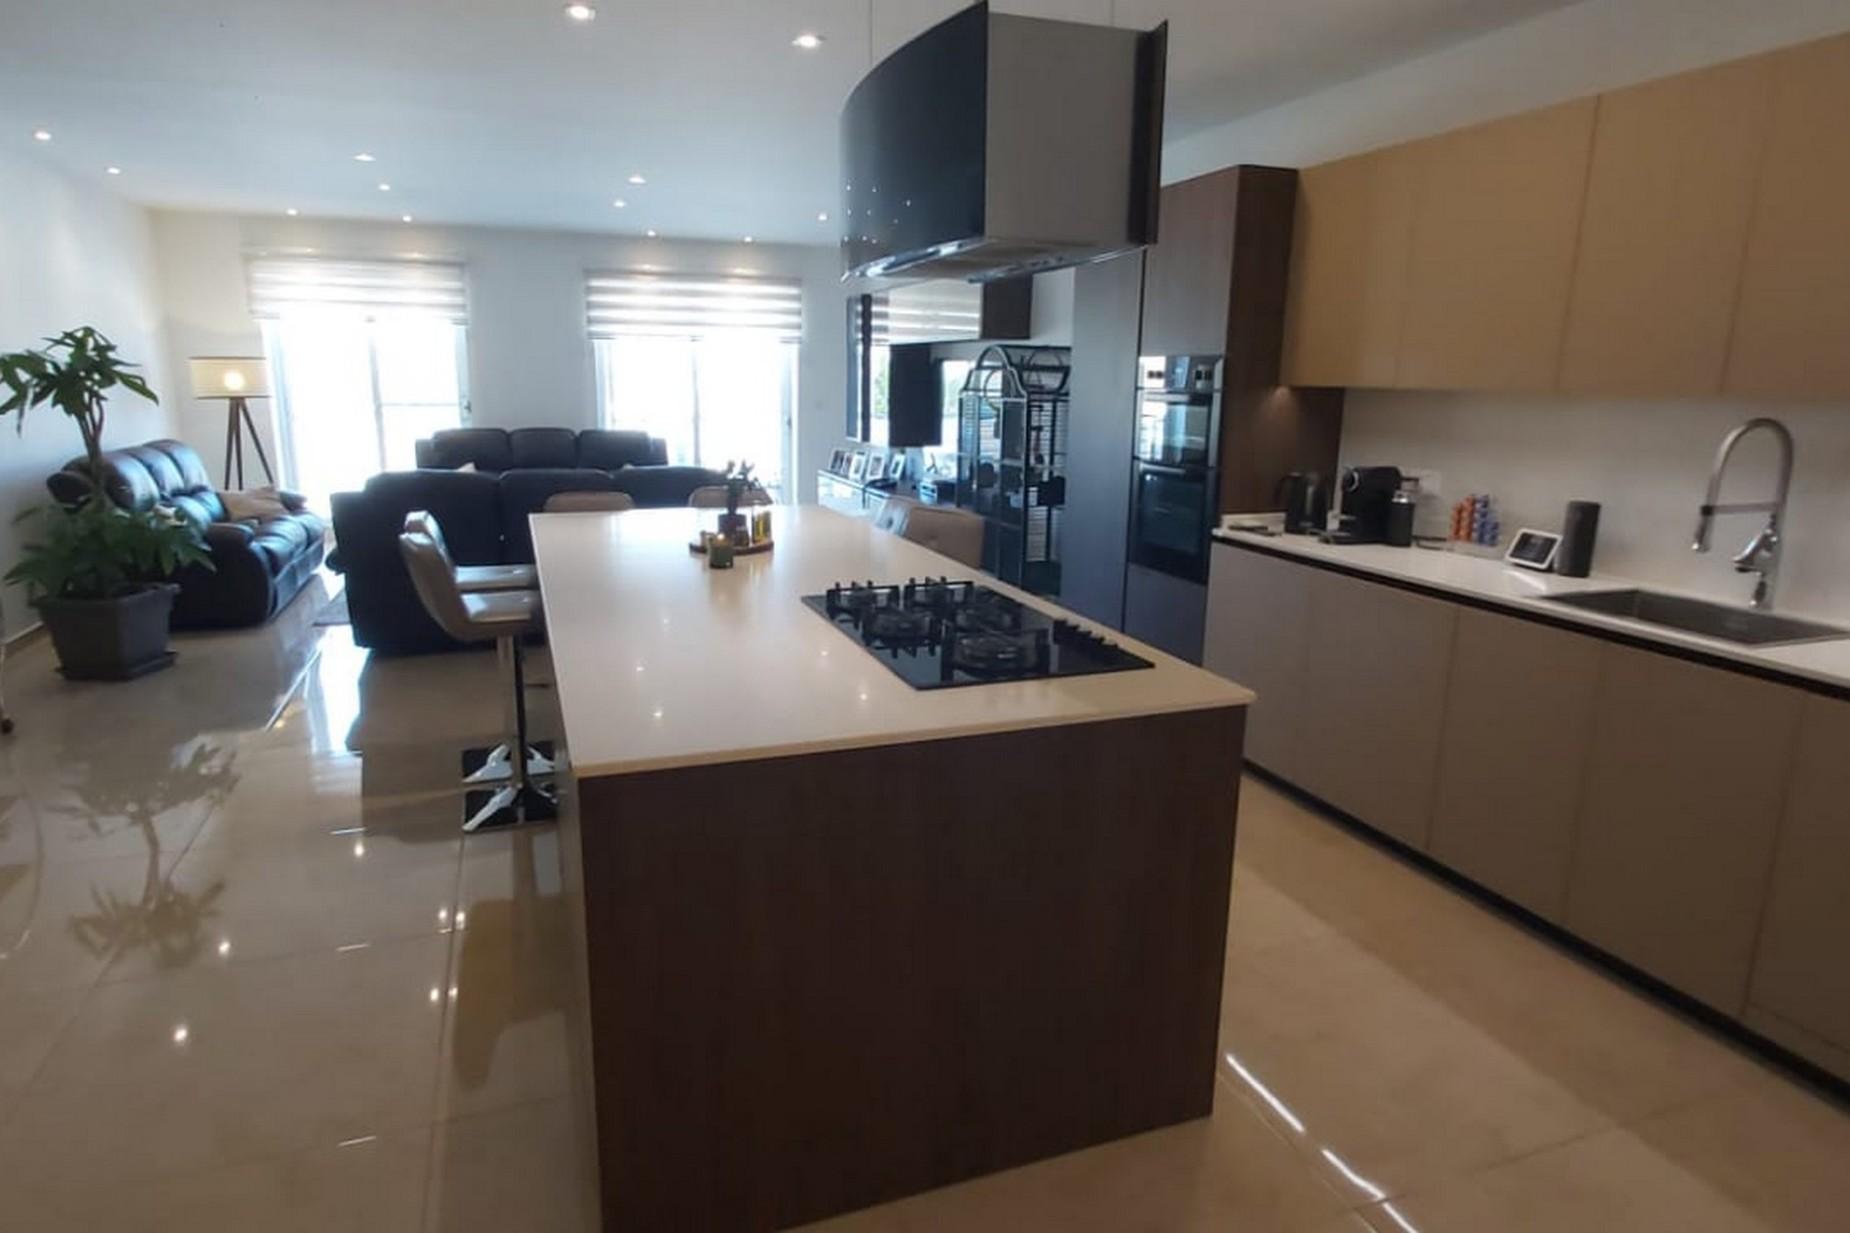 4 bed Apartment For Sale in Santa Venera, Santa Venera - thumb 4